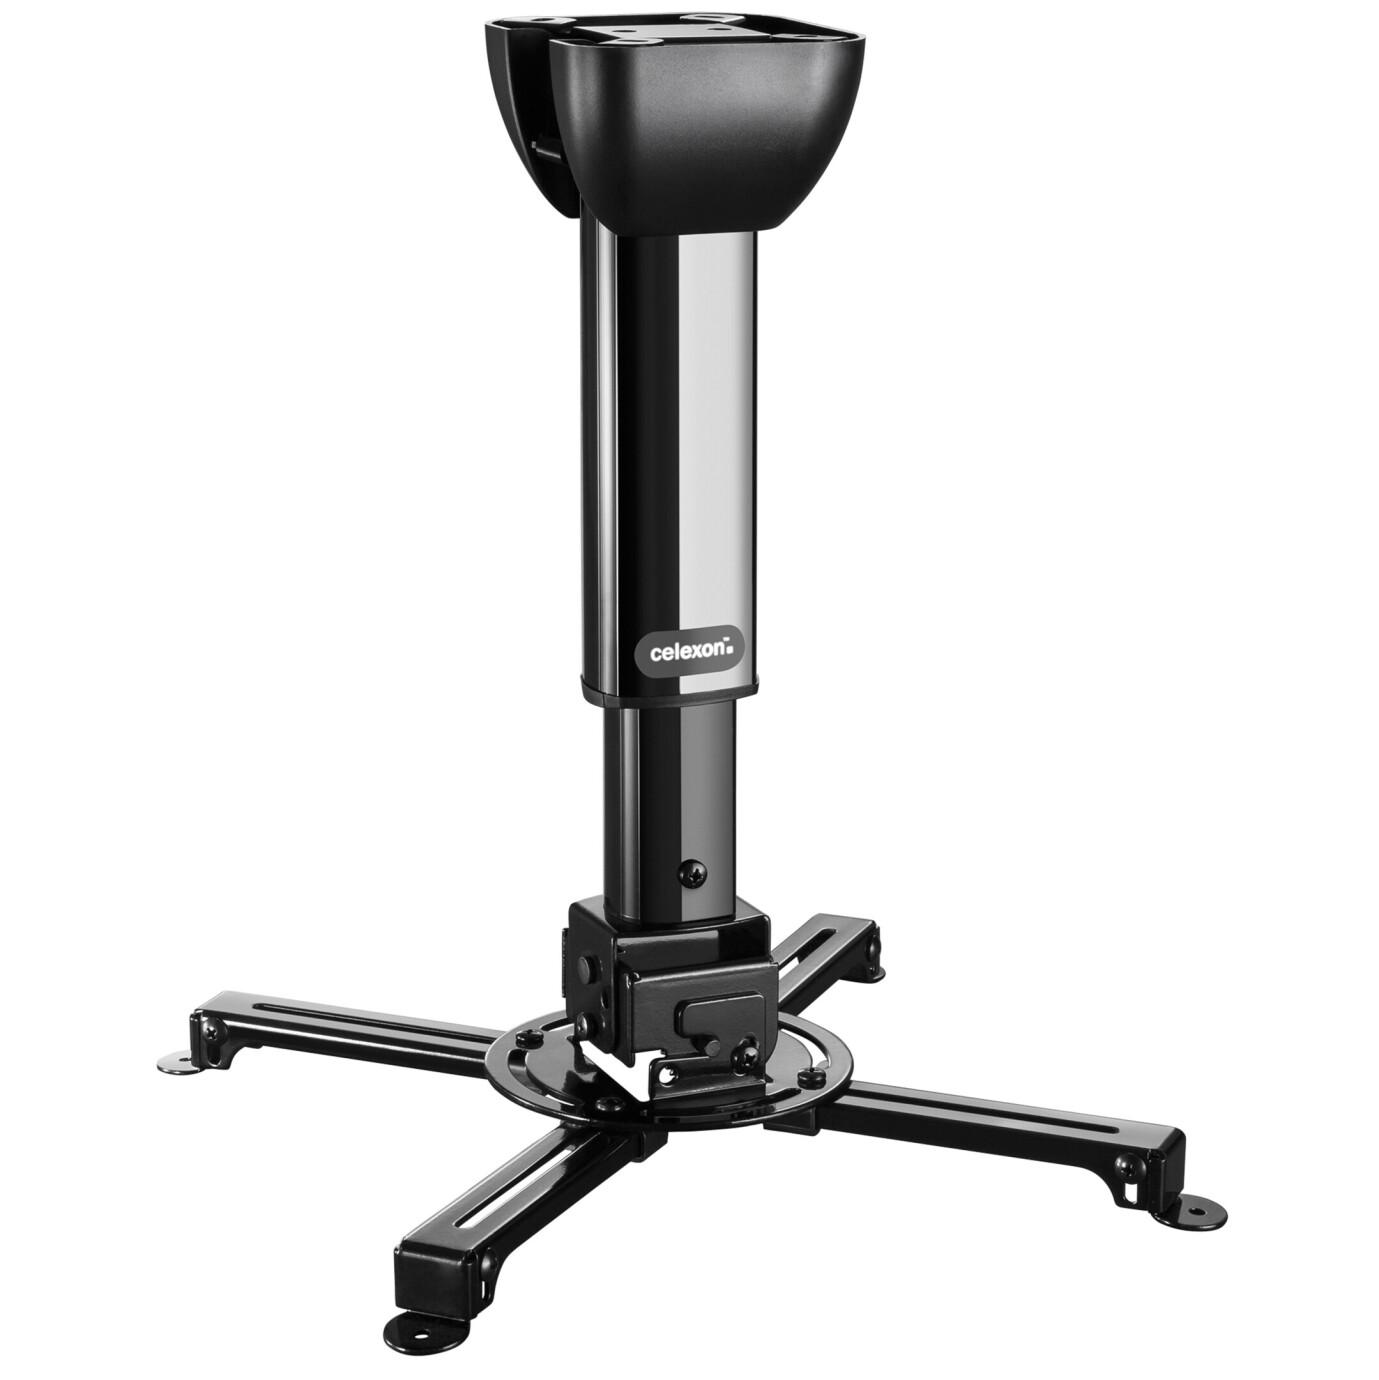 celexon Deckenhalterung universal MultiCel 4060 Pro - schwarz